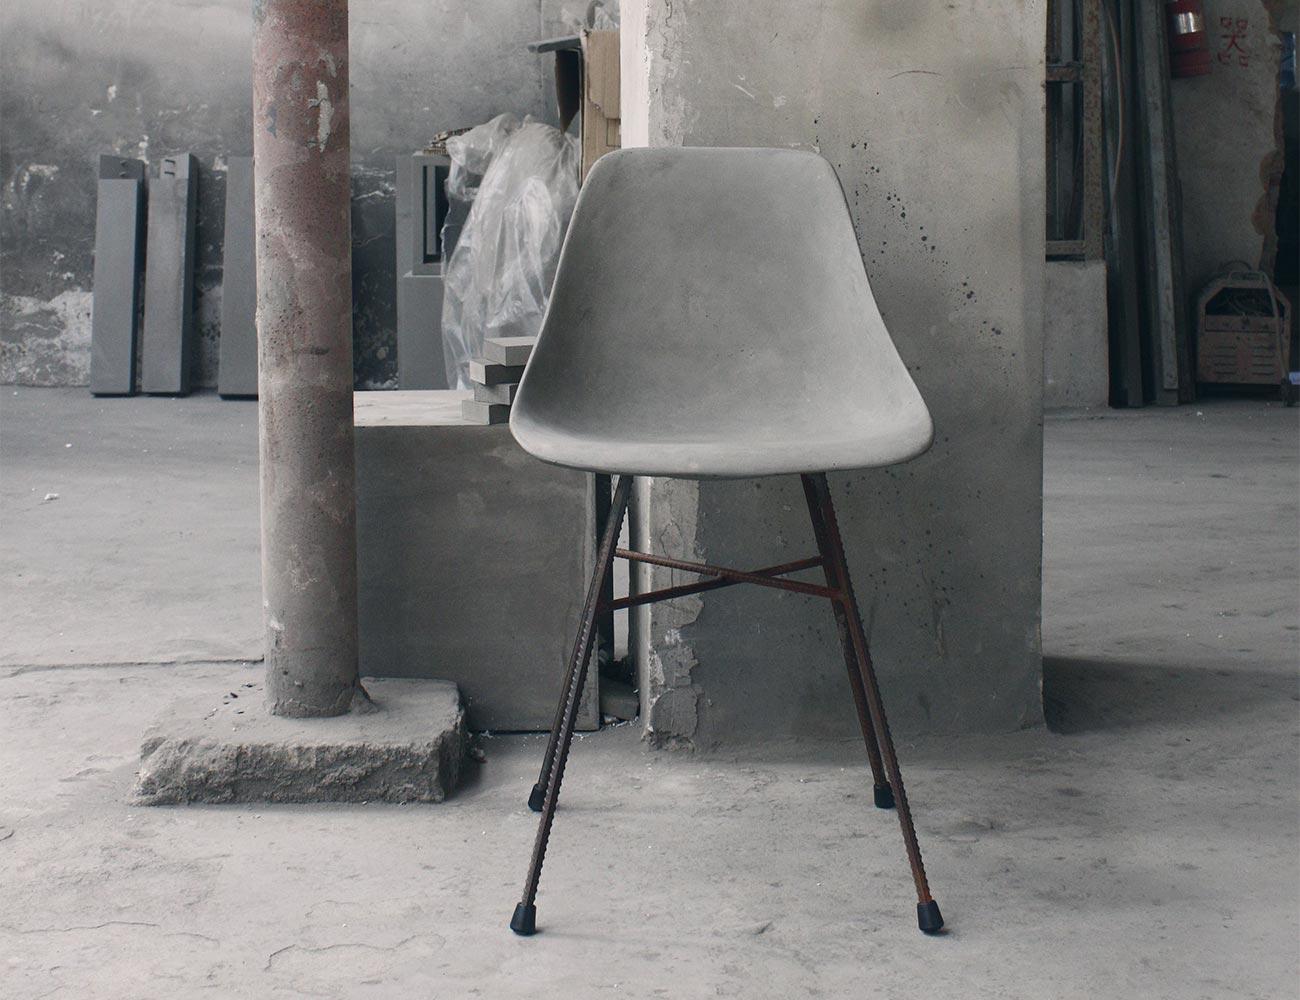 D%26%238217%3BHauteville+Concrete+Chair